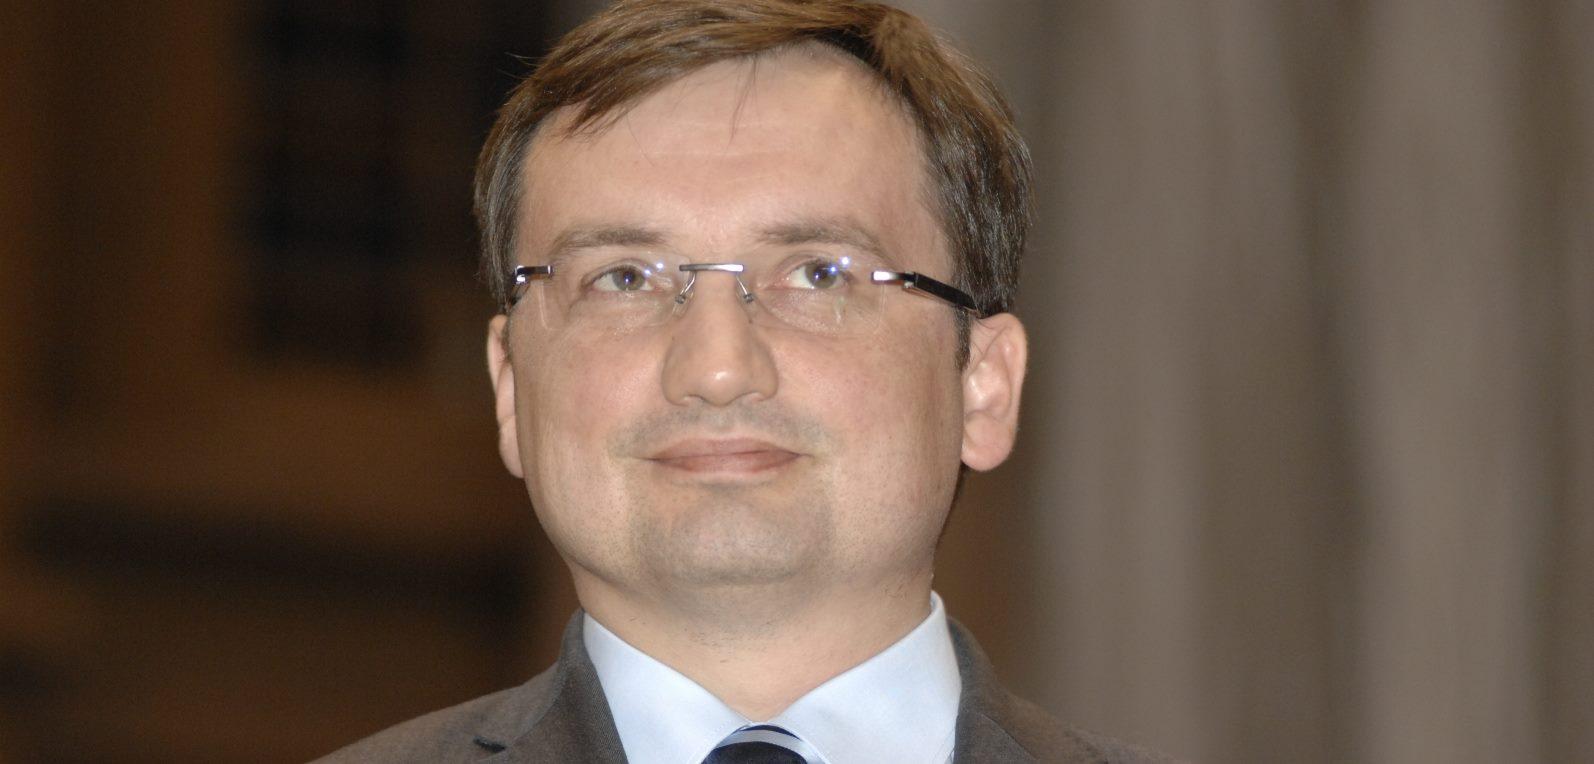 Wydał wyroki korzystne dla Pawłowicz, mocno chwali go PiS. Teraz został wylosowany do sprawy, w której pozwanym jest Ziobro